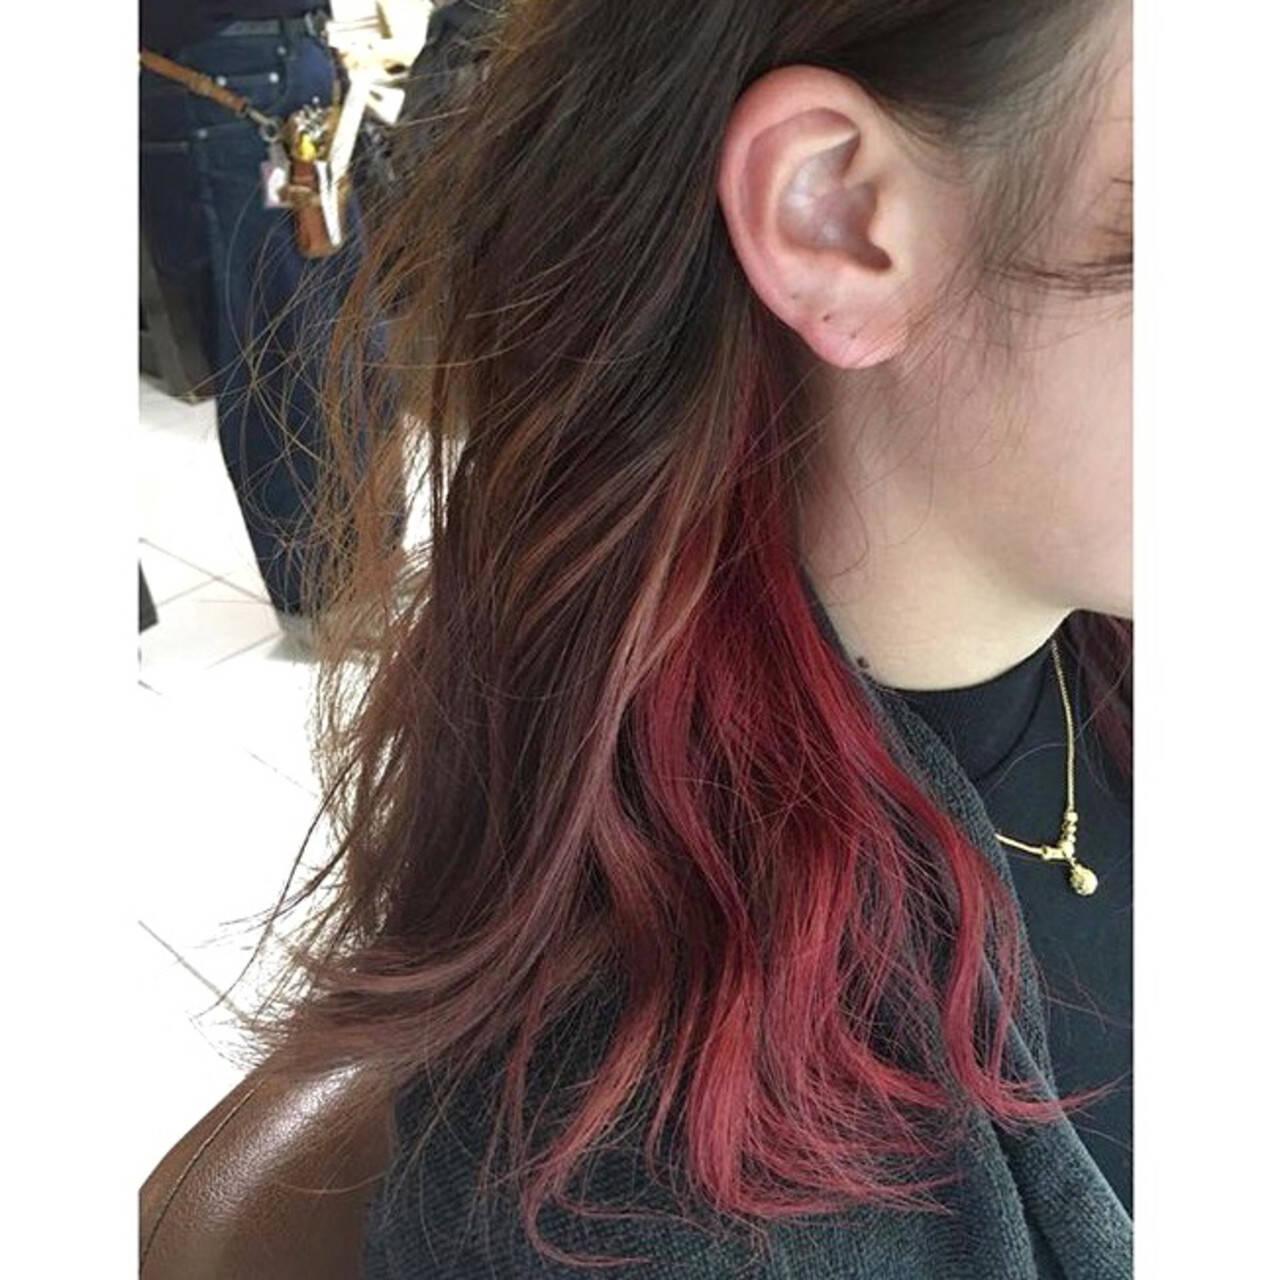 インナーカラー イヤリングカラー ベリーピンク ミディアムヘアスタイルや髪型の写真・画像